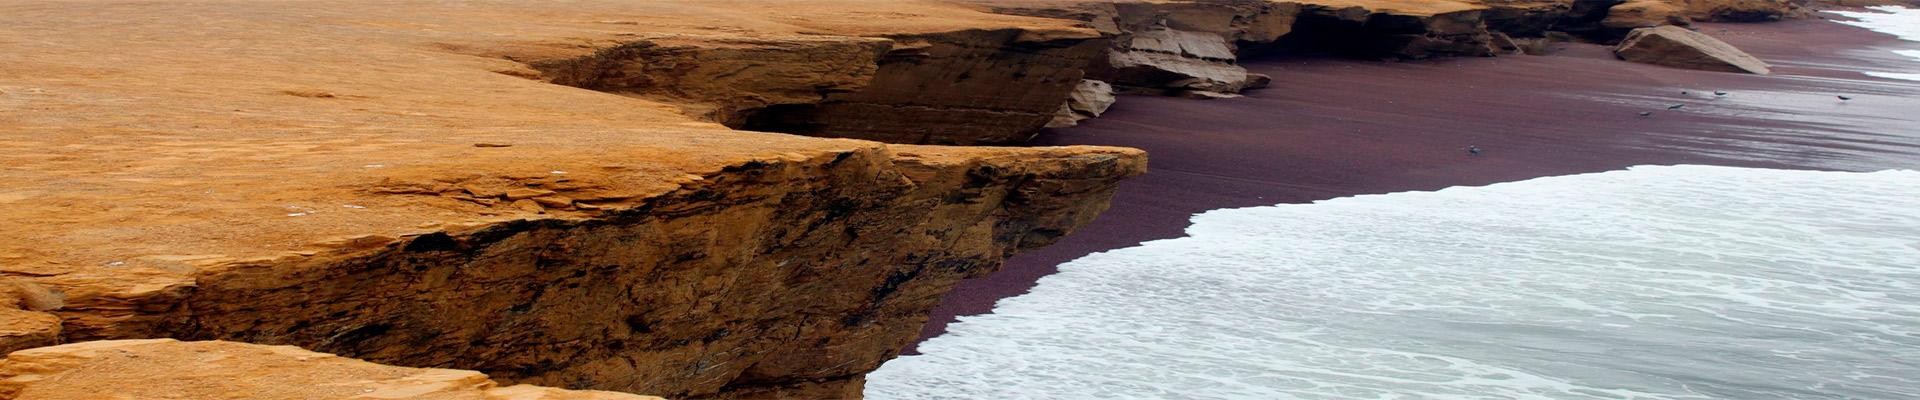 Linhas de Nasca, Paracas e Ilhas Ballestas